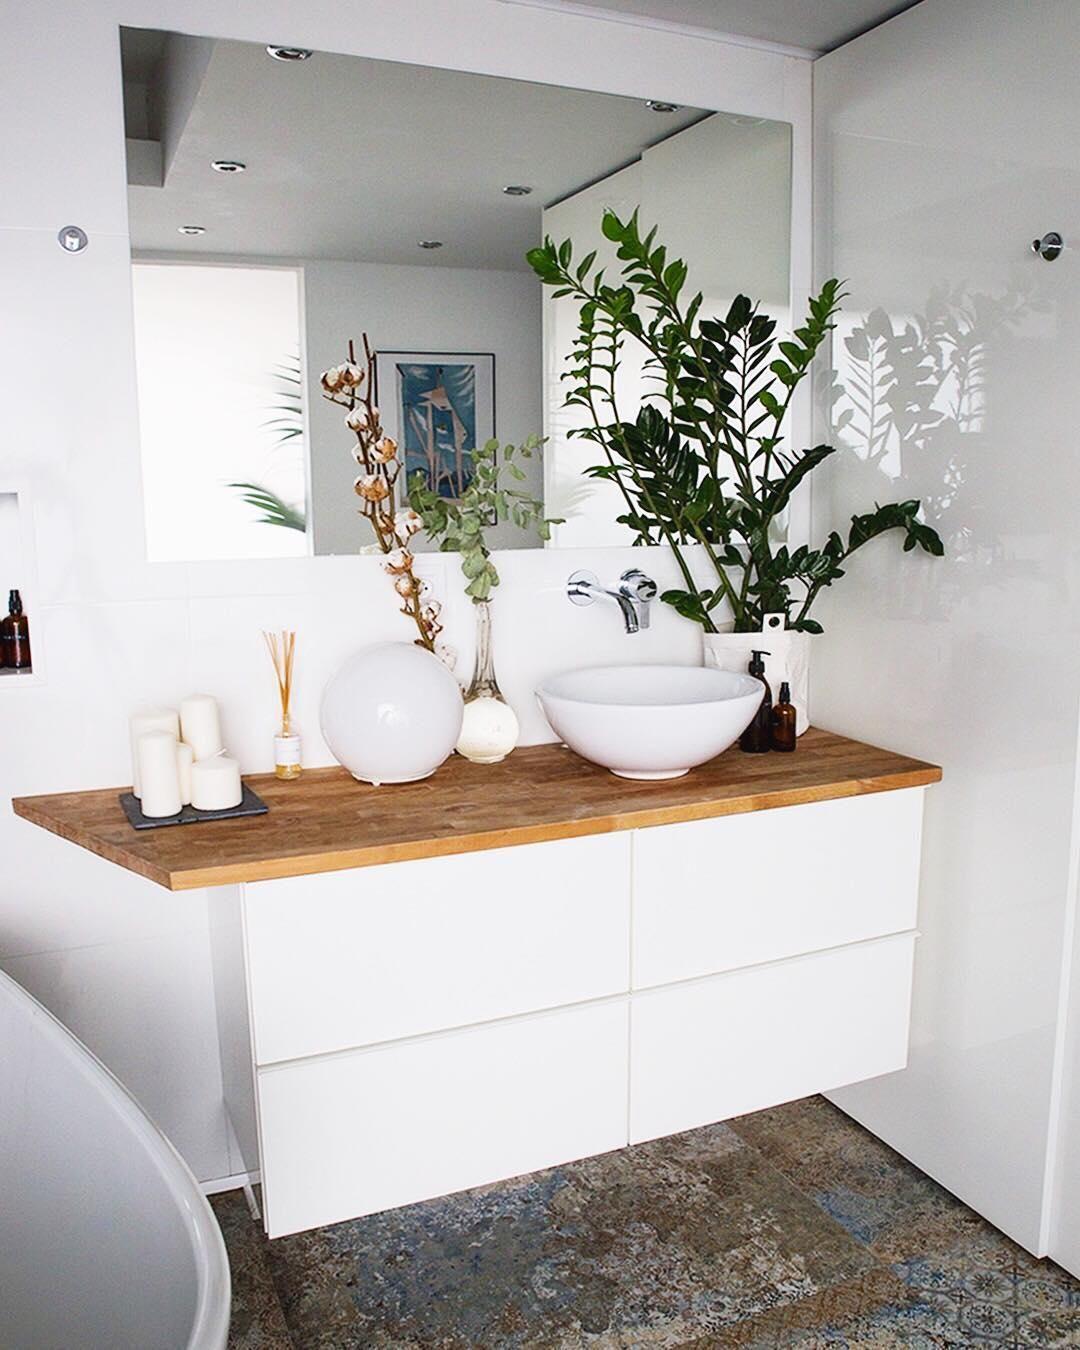 Dieses Badezimmer Ist Einfach Nur Wow Wunderschone Fliesen Naturbelassenes Holz Einzigartige Dekoration Ga Badezimmer Badewanne Dekoration Badezimmerideen